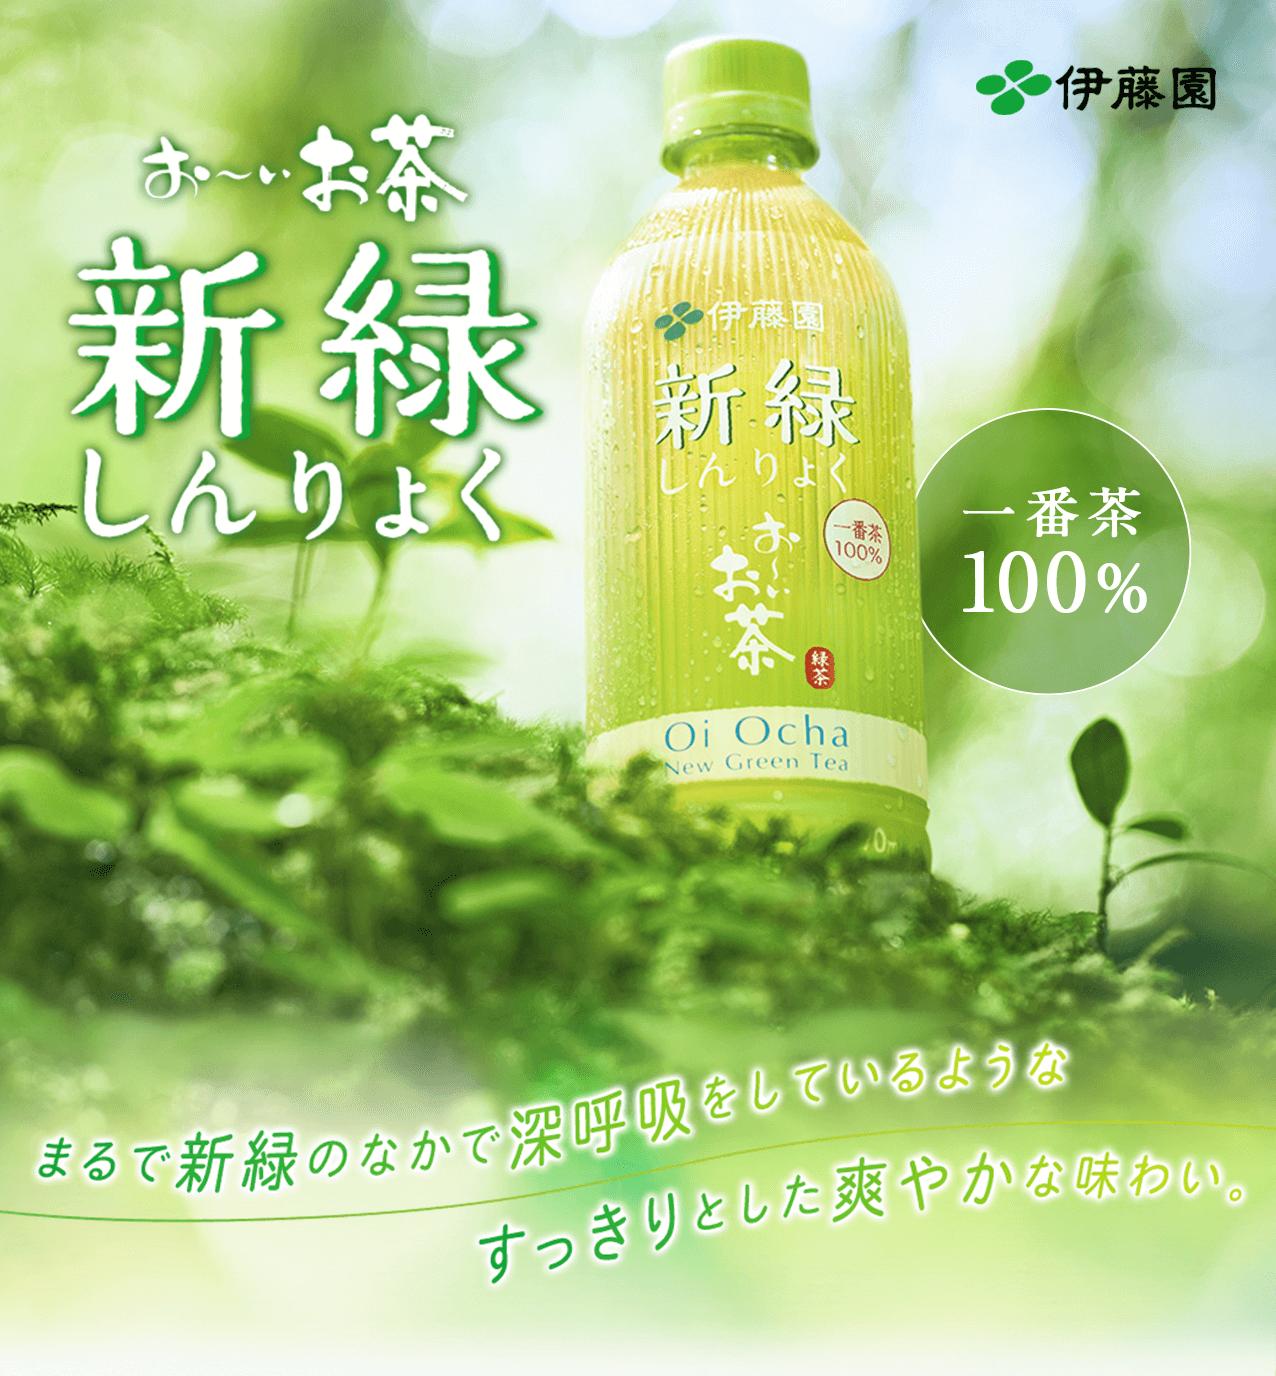 おーいお茶 新緑 しんりょく 一番茶100% まるで新緑のなかで深呼吸をしているようなすっきりとした爽やかな味わい。